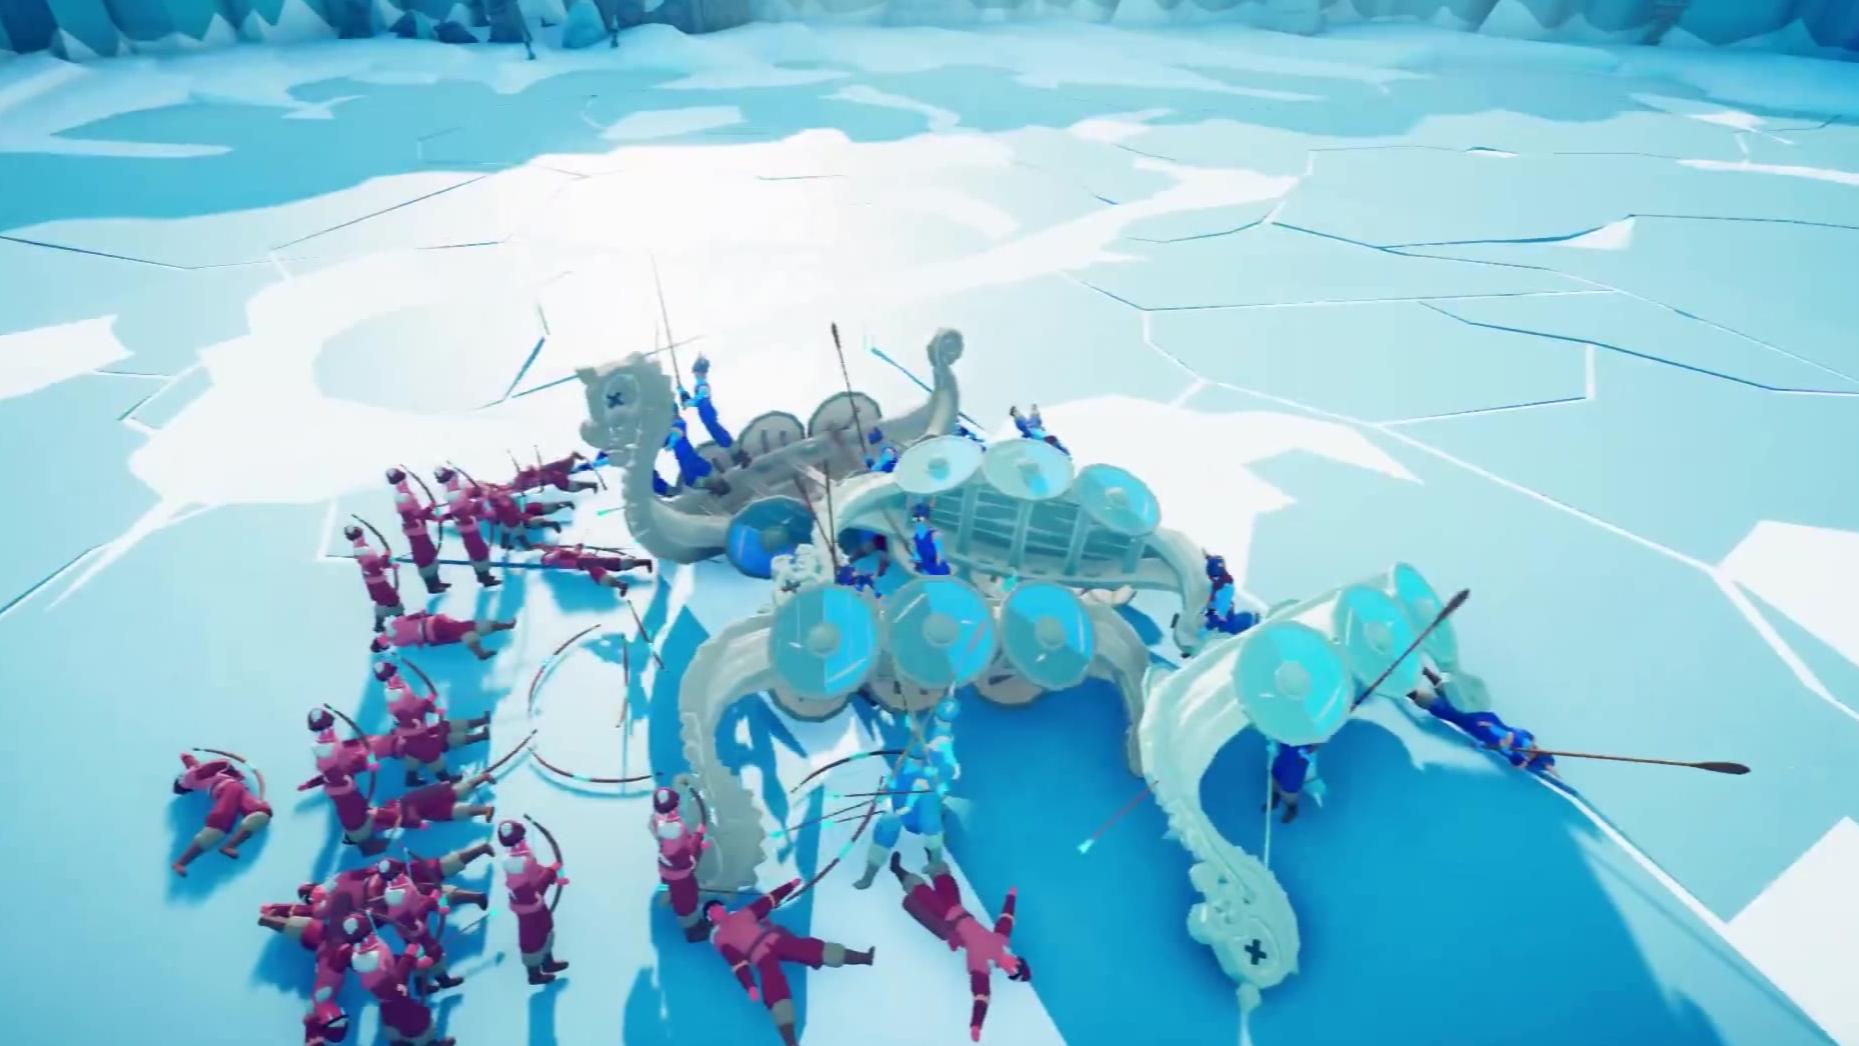 【全面战争模拟器】看寒冰射手的厉害